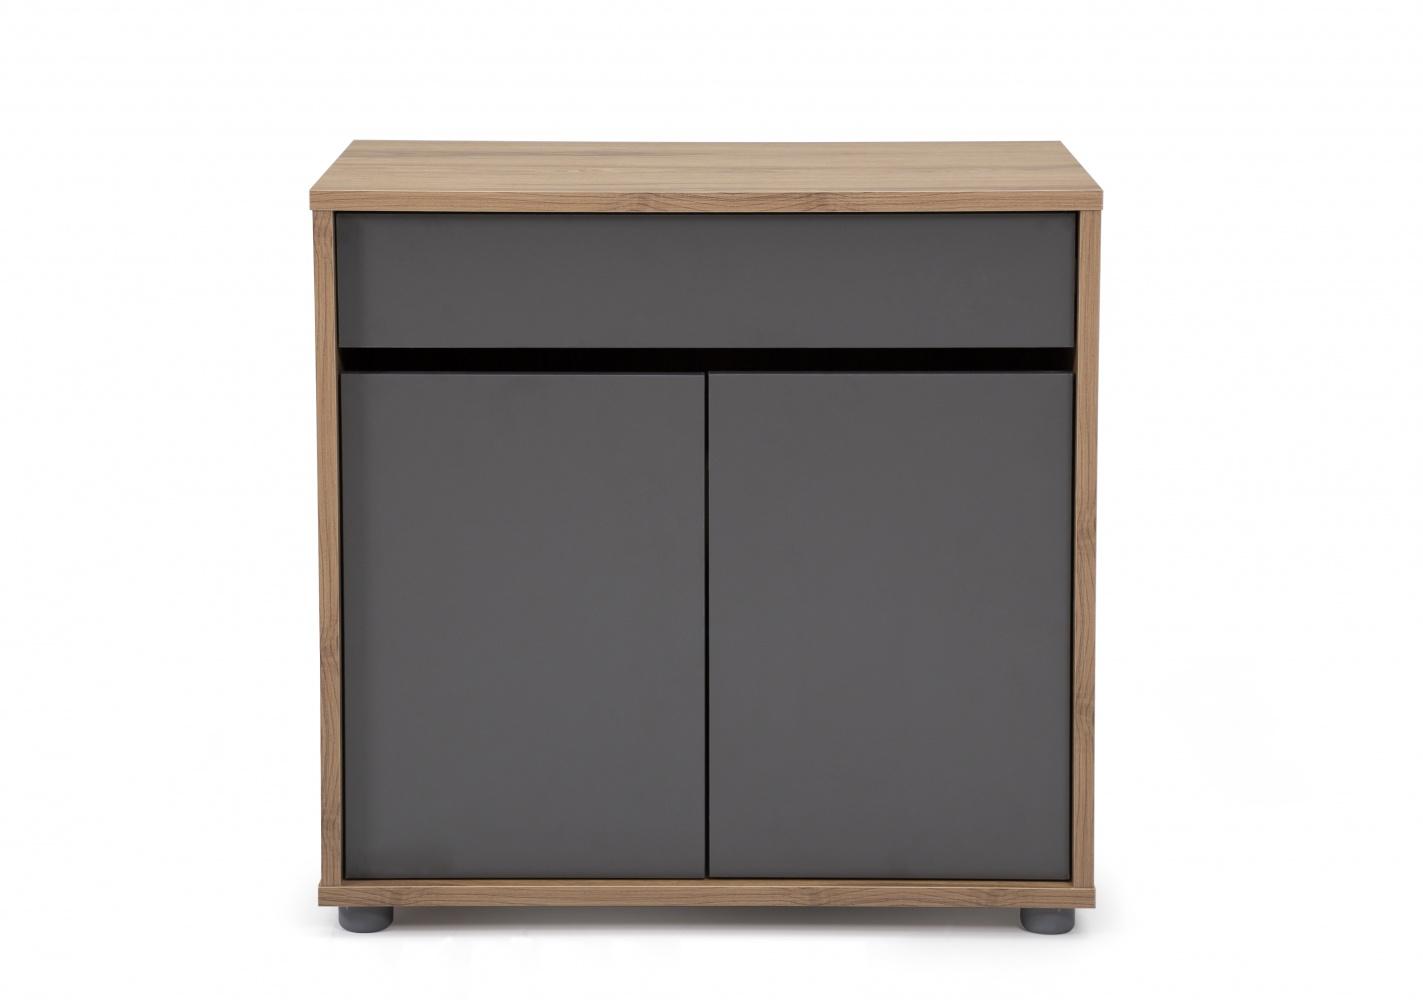 Ovali Büro Kommode 2-türig Clasp Anthrazit Holzoptik